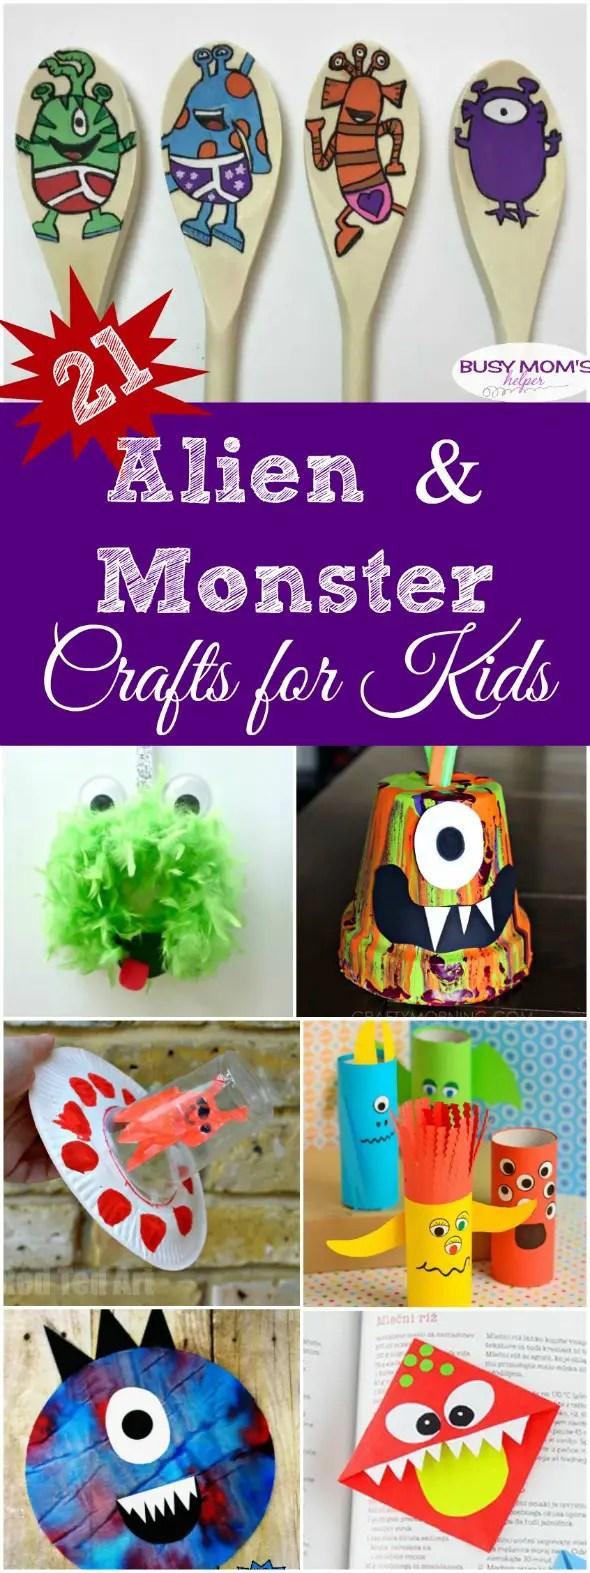 21 Alien and Monster Crafts for Kids #kidcrafts #aliens #monsters #craftsforkids